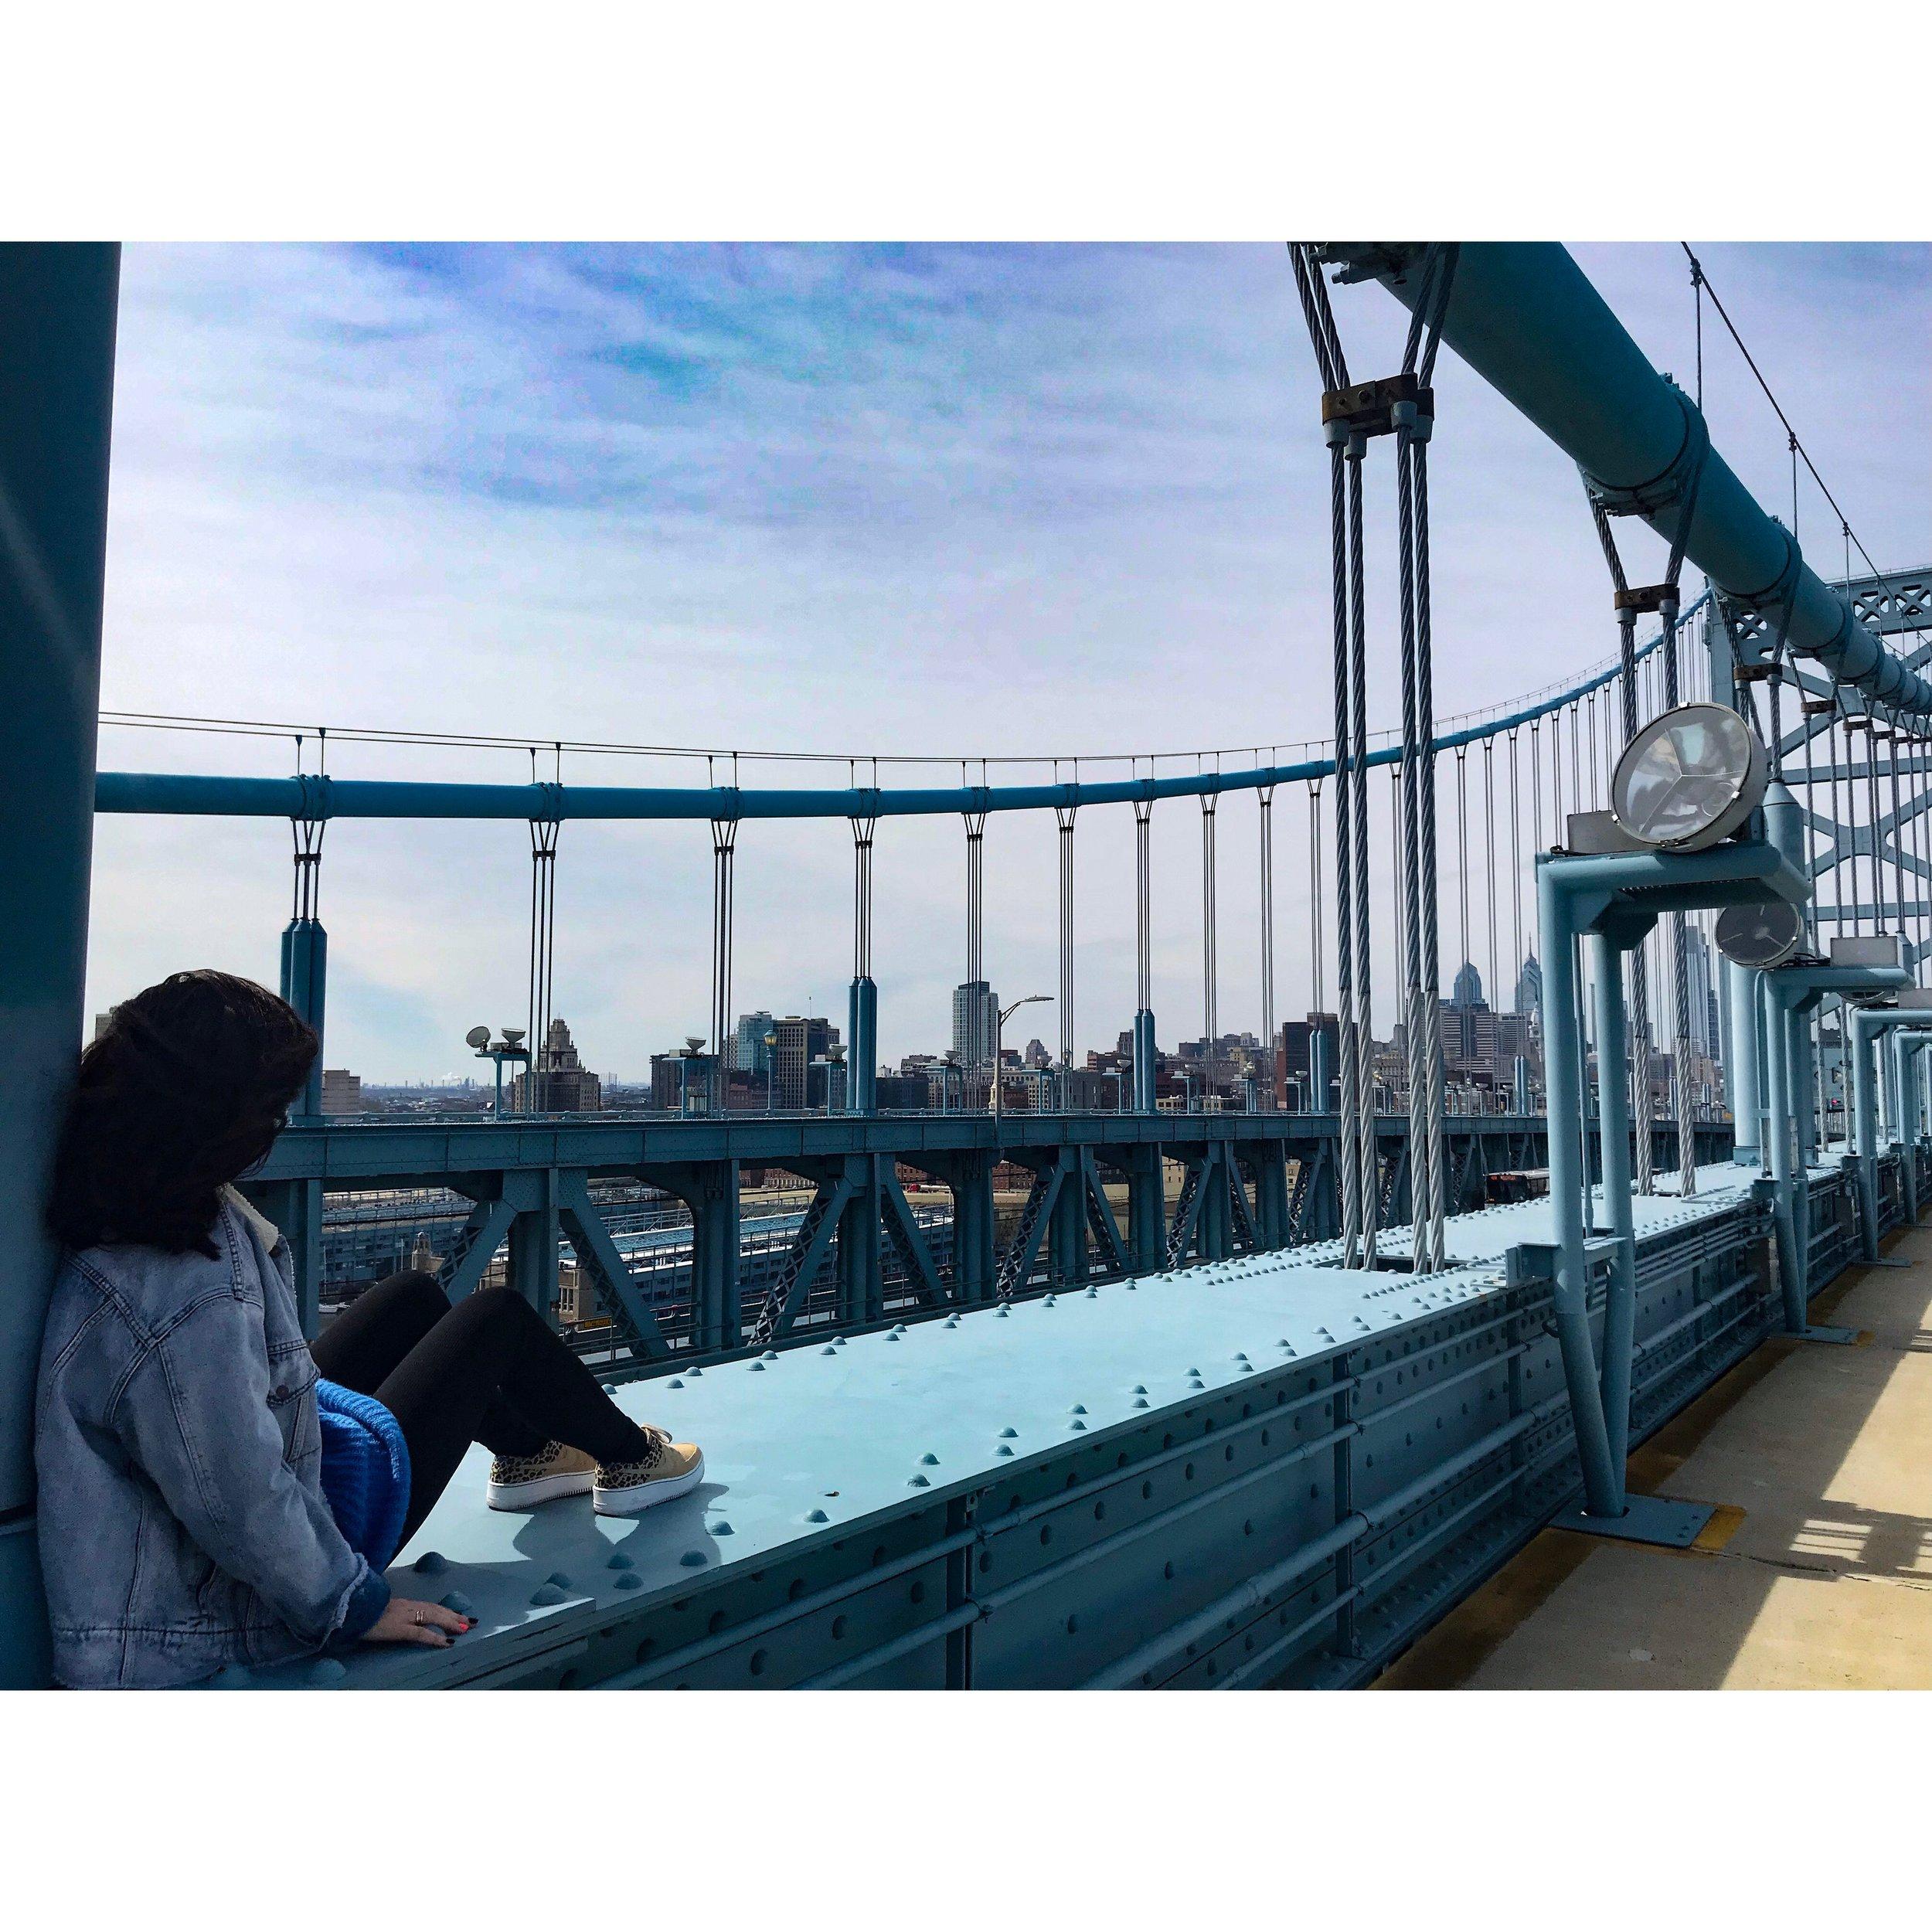 Benjamin Franklin Brug. Toen ie gebouwd werd was ie drie jaar lang de langste brug. Inmiddels al lang niet meer maar erg gaaf om overheen te wandelen!